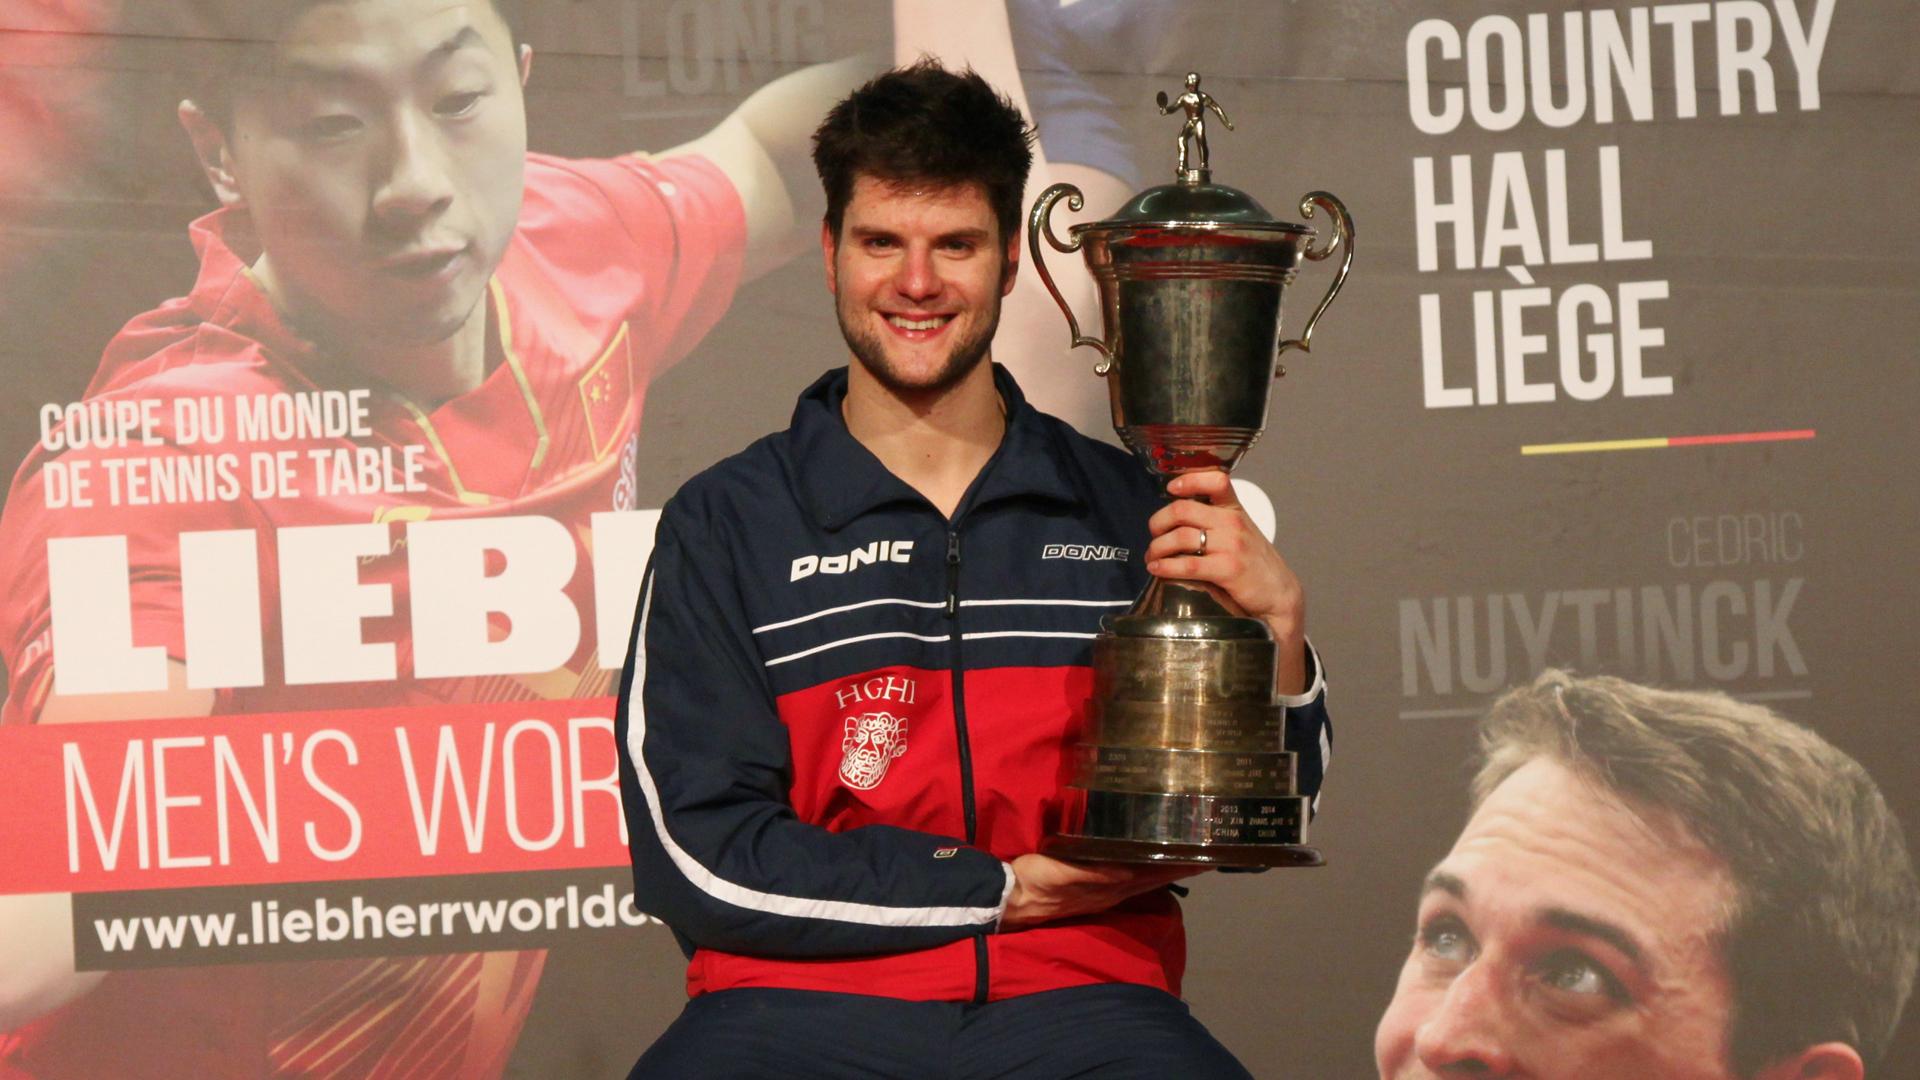 Germanul Dimitrij Ovtcharov a câștigat Cupa Mondială la tenis de masă / VIDEO